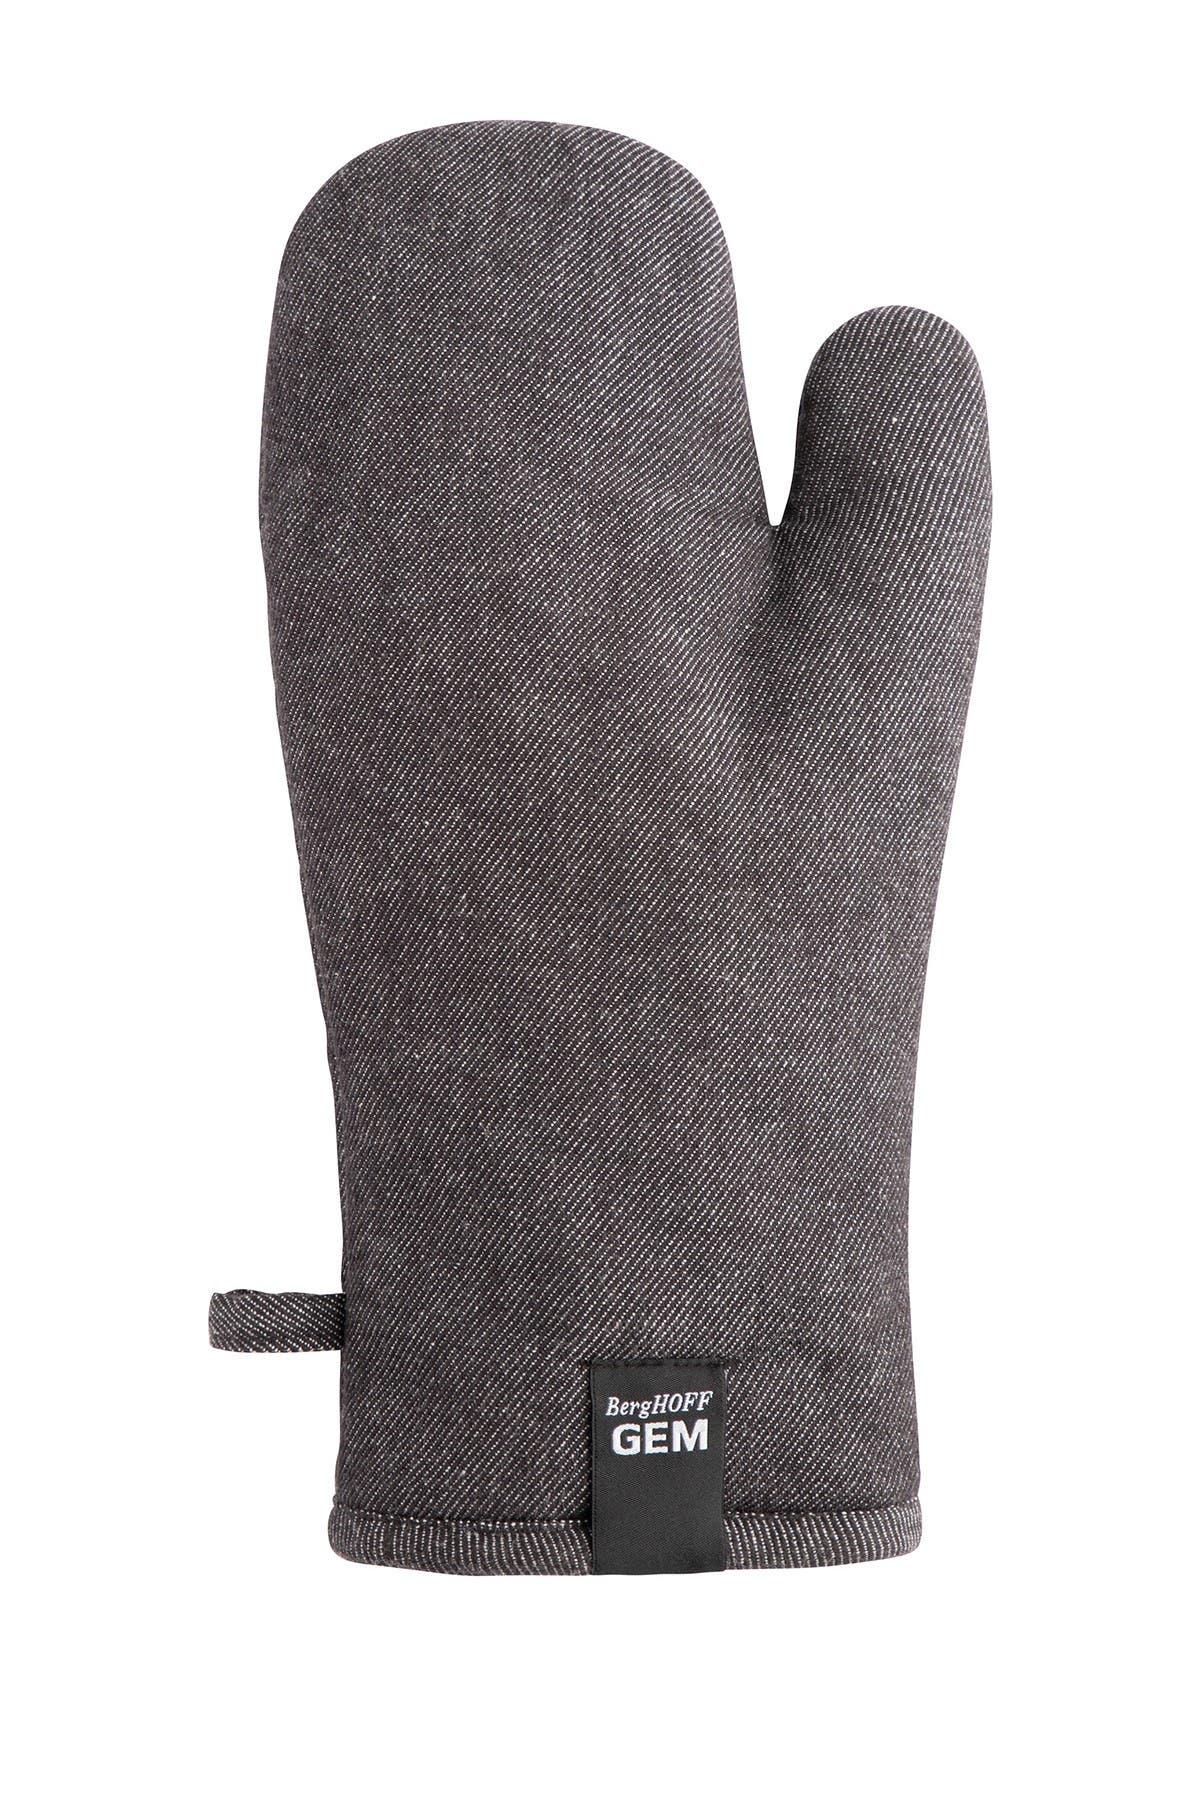 Image of BergHOFF Black Gem Oven Glove - Set of 2